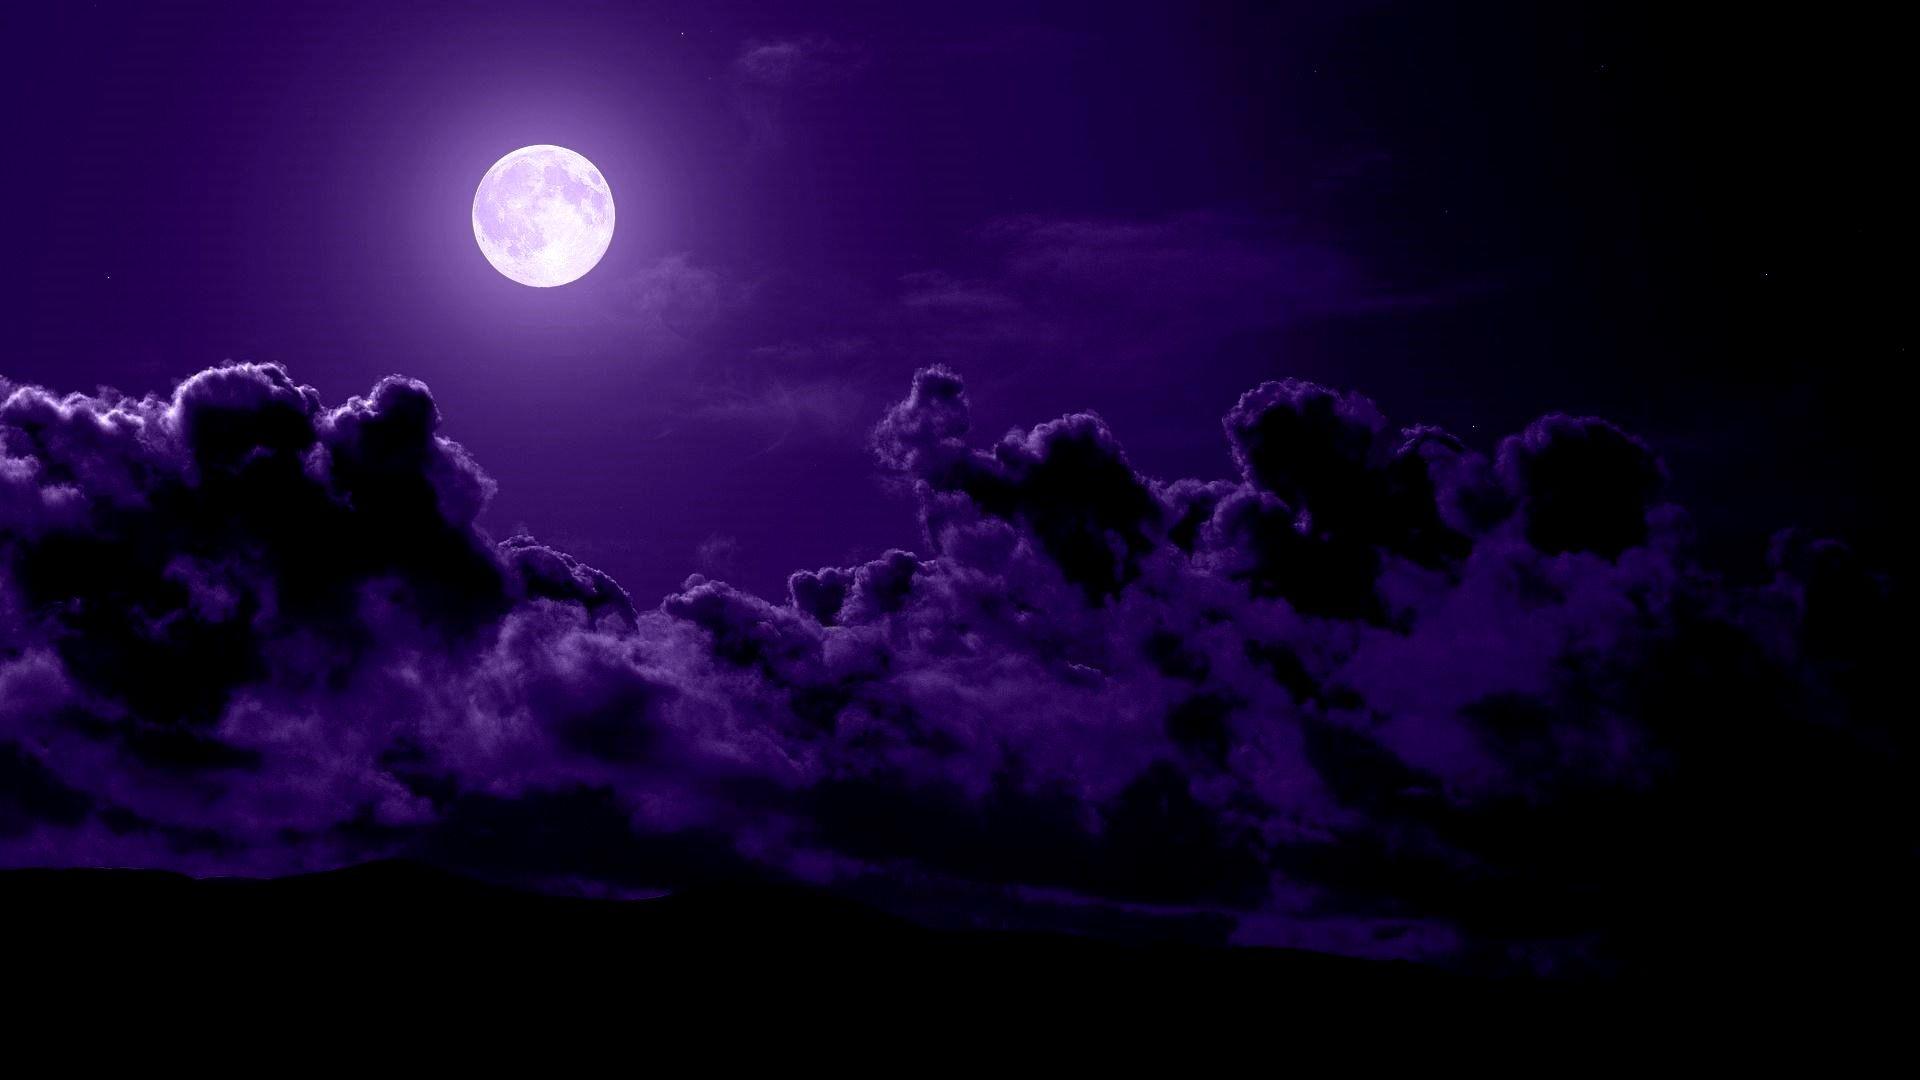 Dark Purple Wallpaper 4k Ideas In 2020 Dark Purple Wallpaper Dark Purple Aesthetic Purple Sky